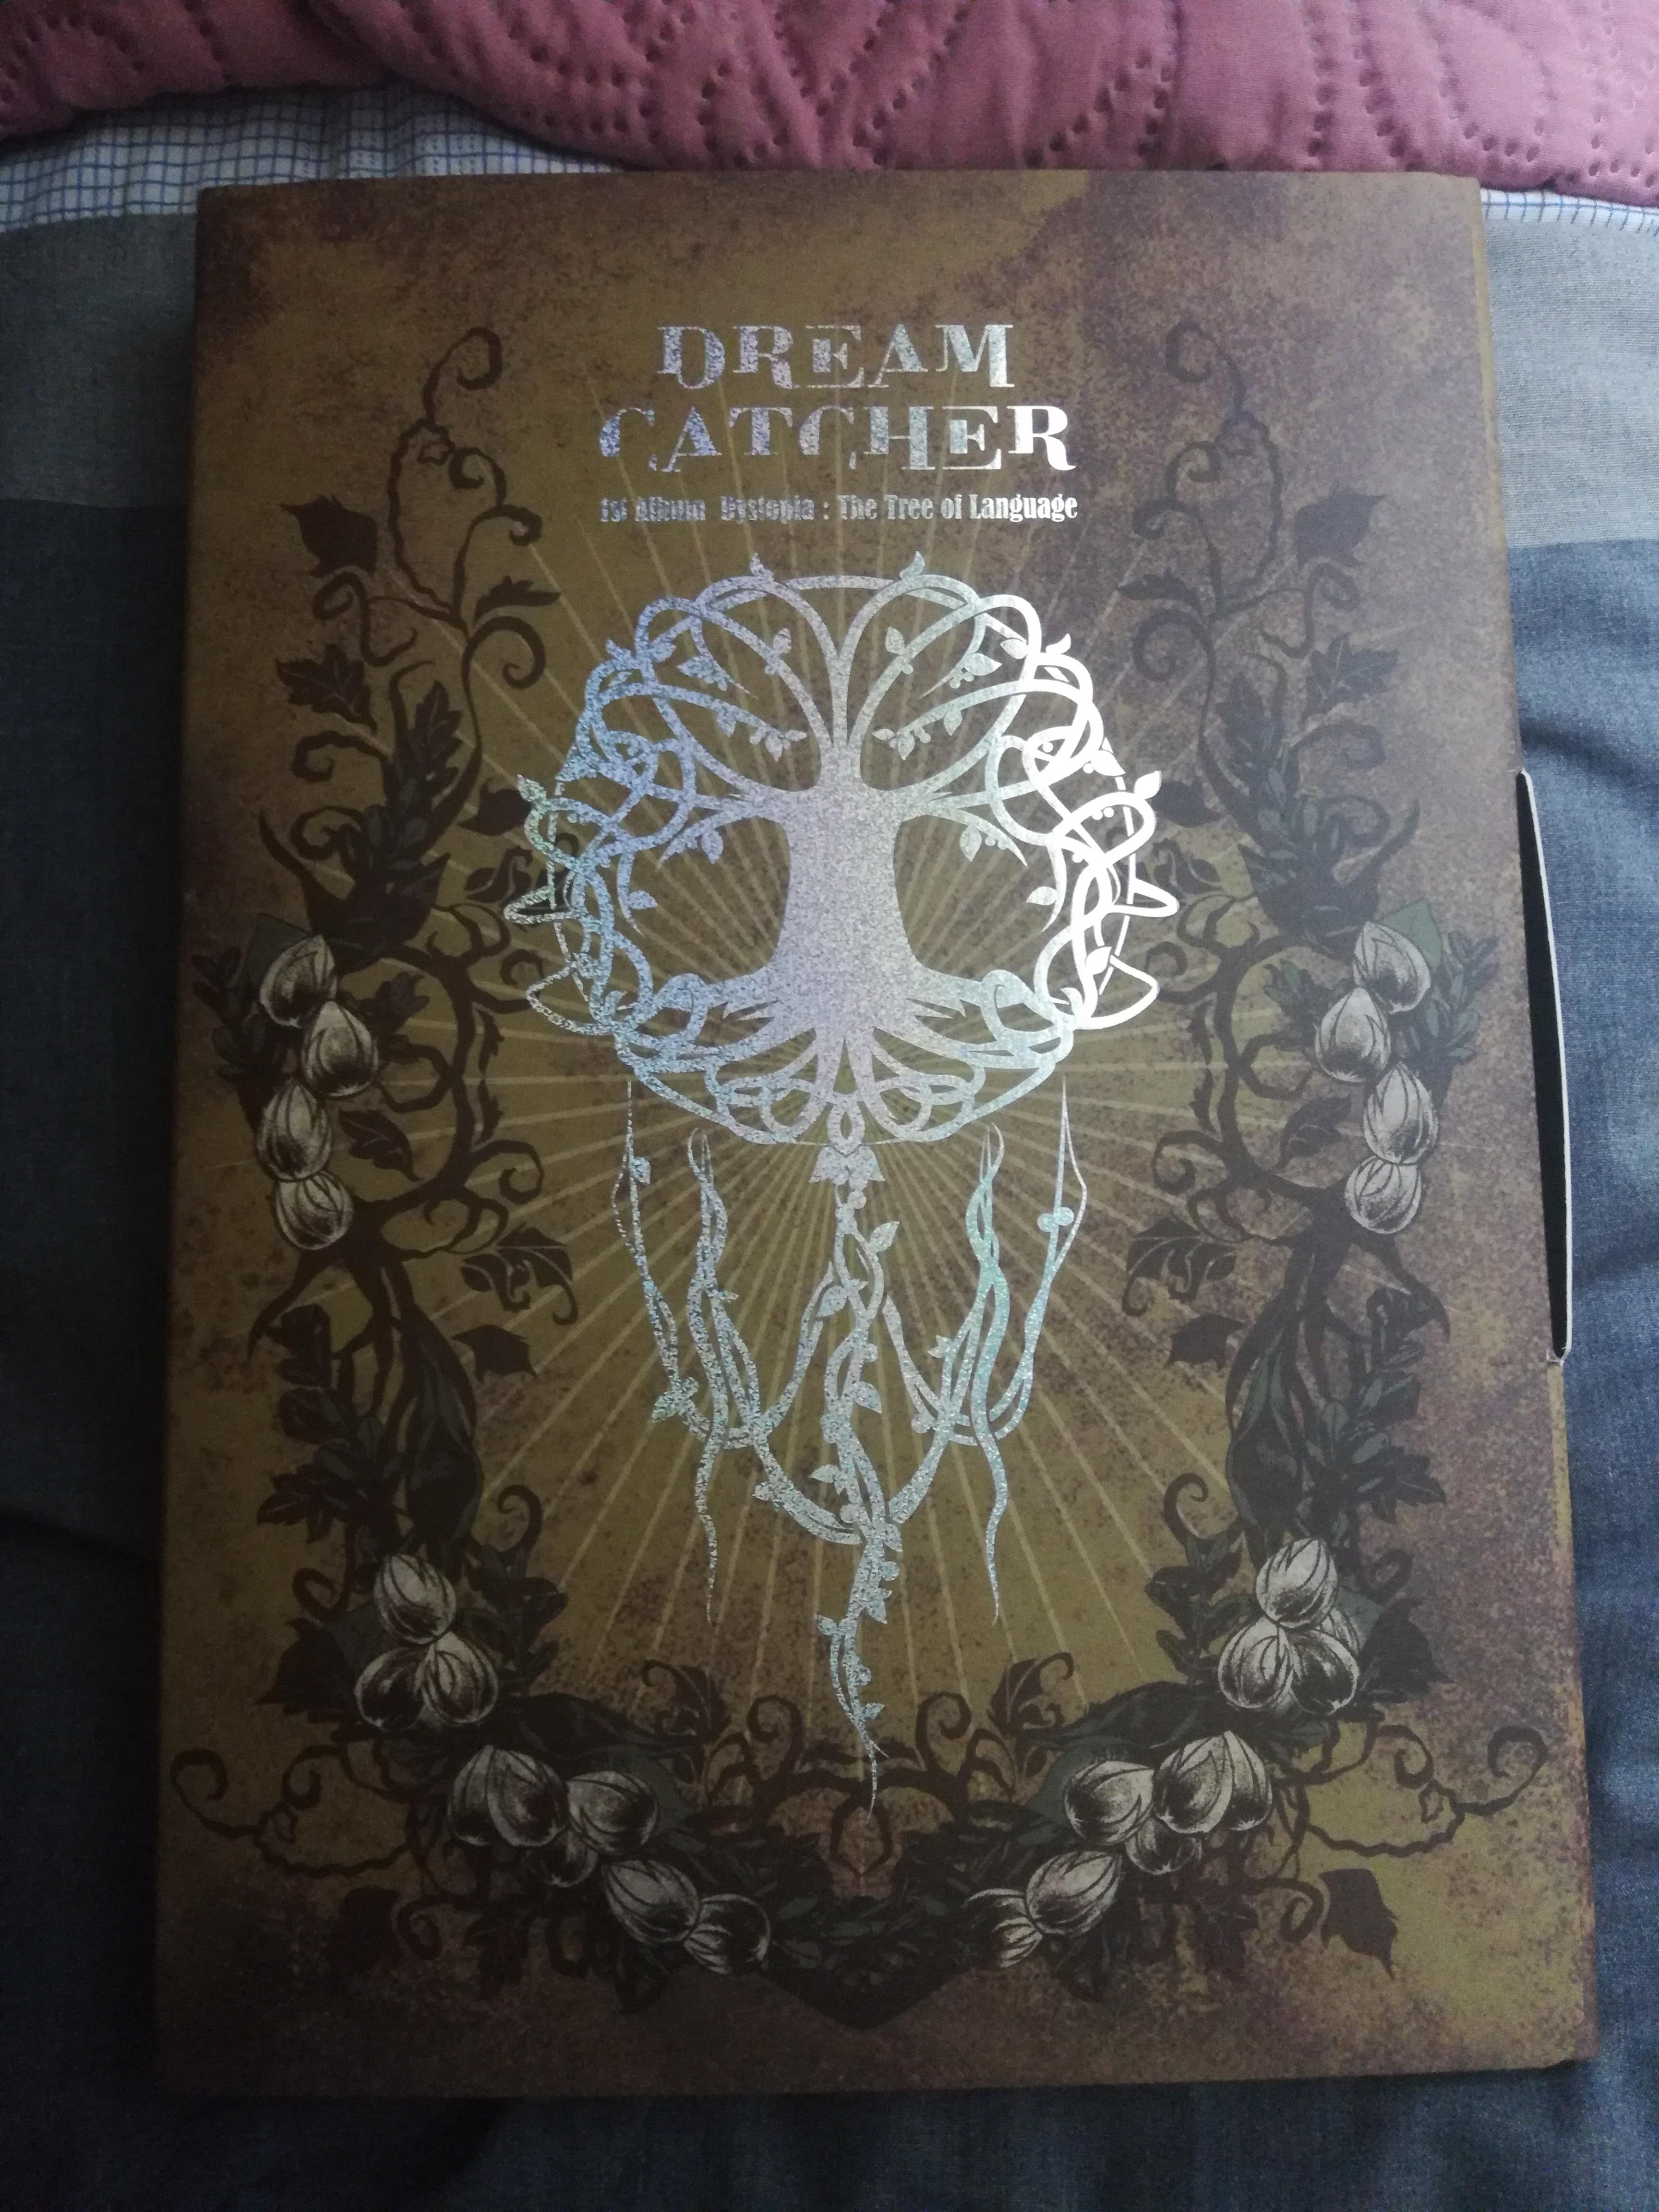 Dreamcatcher 1st album Dystopia: The Tree of Language